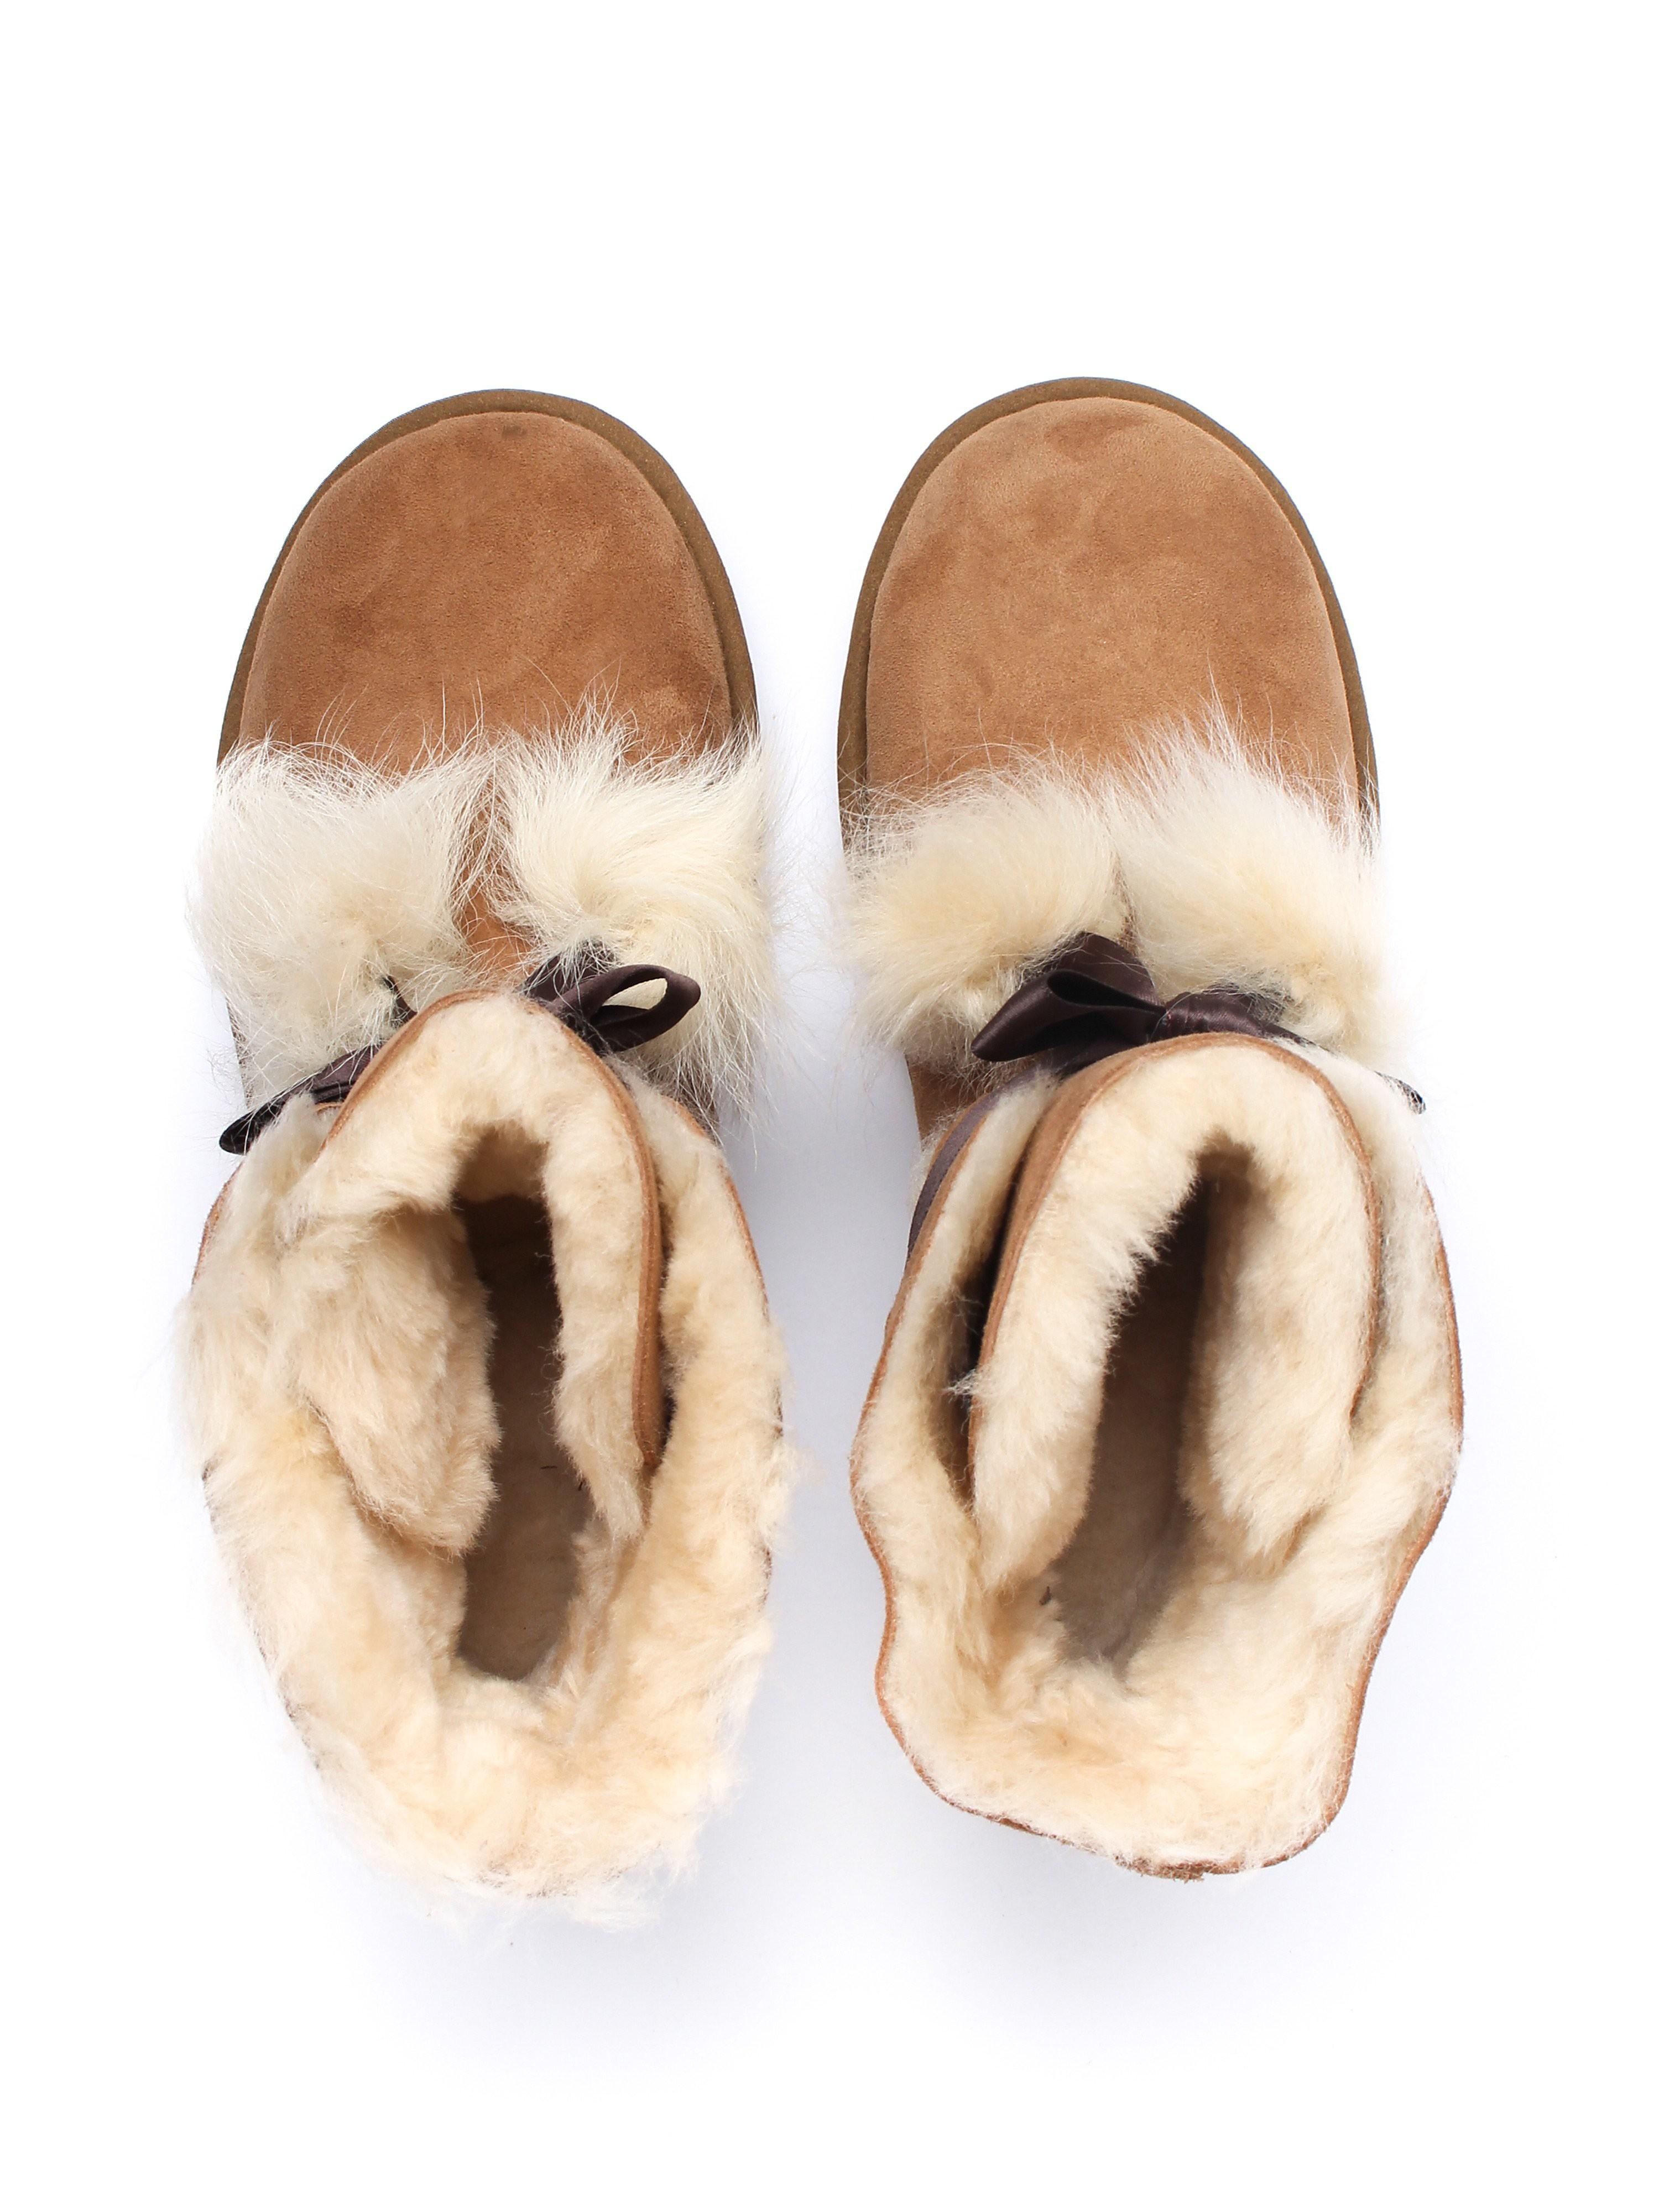 UGG Women's Gita Twinface Boots - Chestnut